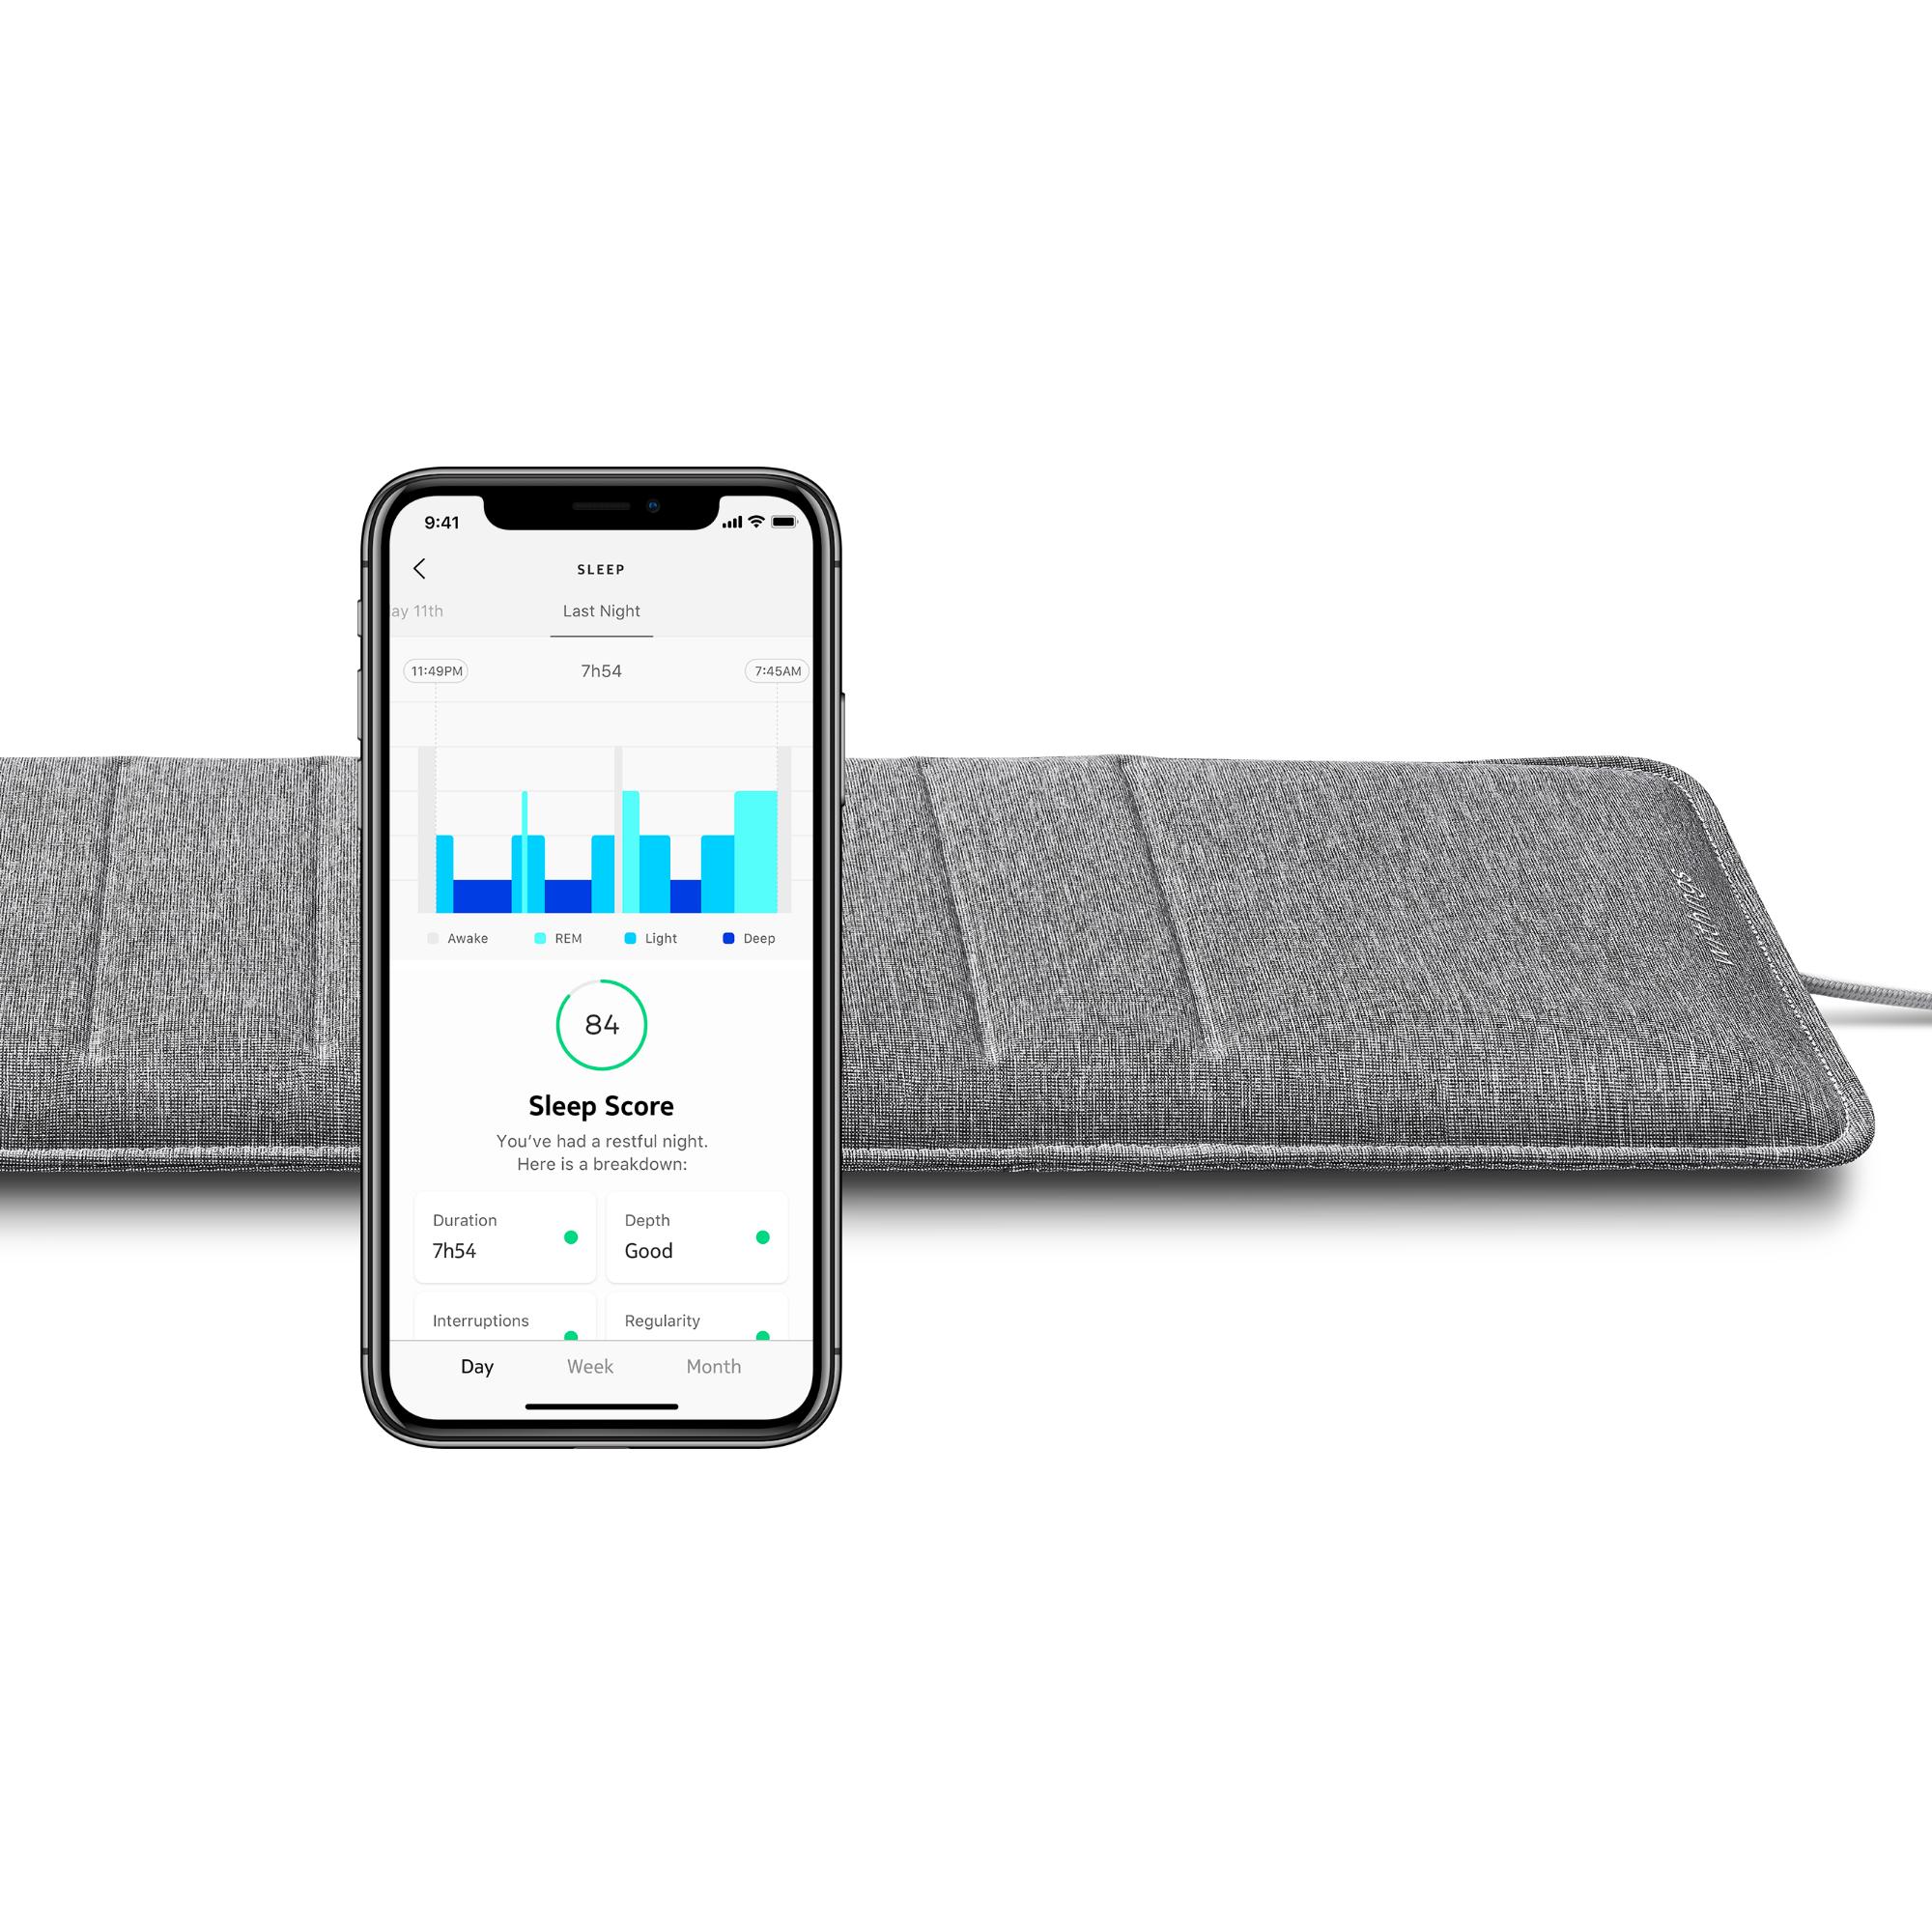 Withings Sleep Analyzer (Nokia) - Capteur de sommeil - Apnee du sommeil - Analyse des cycles de sommeil, Scenarios domotique - Boutique Officielle Wit